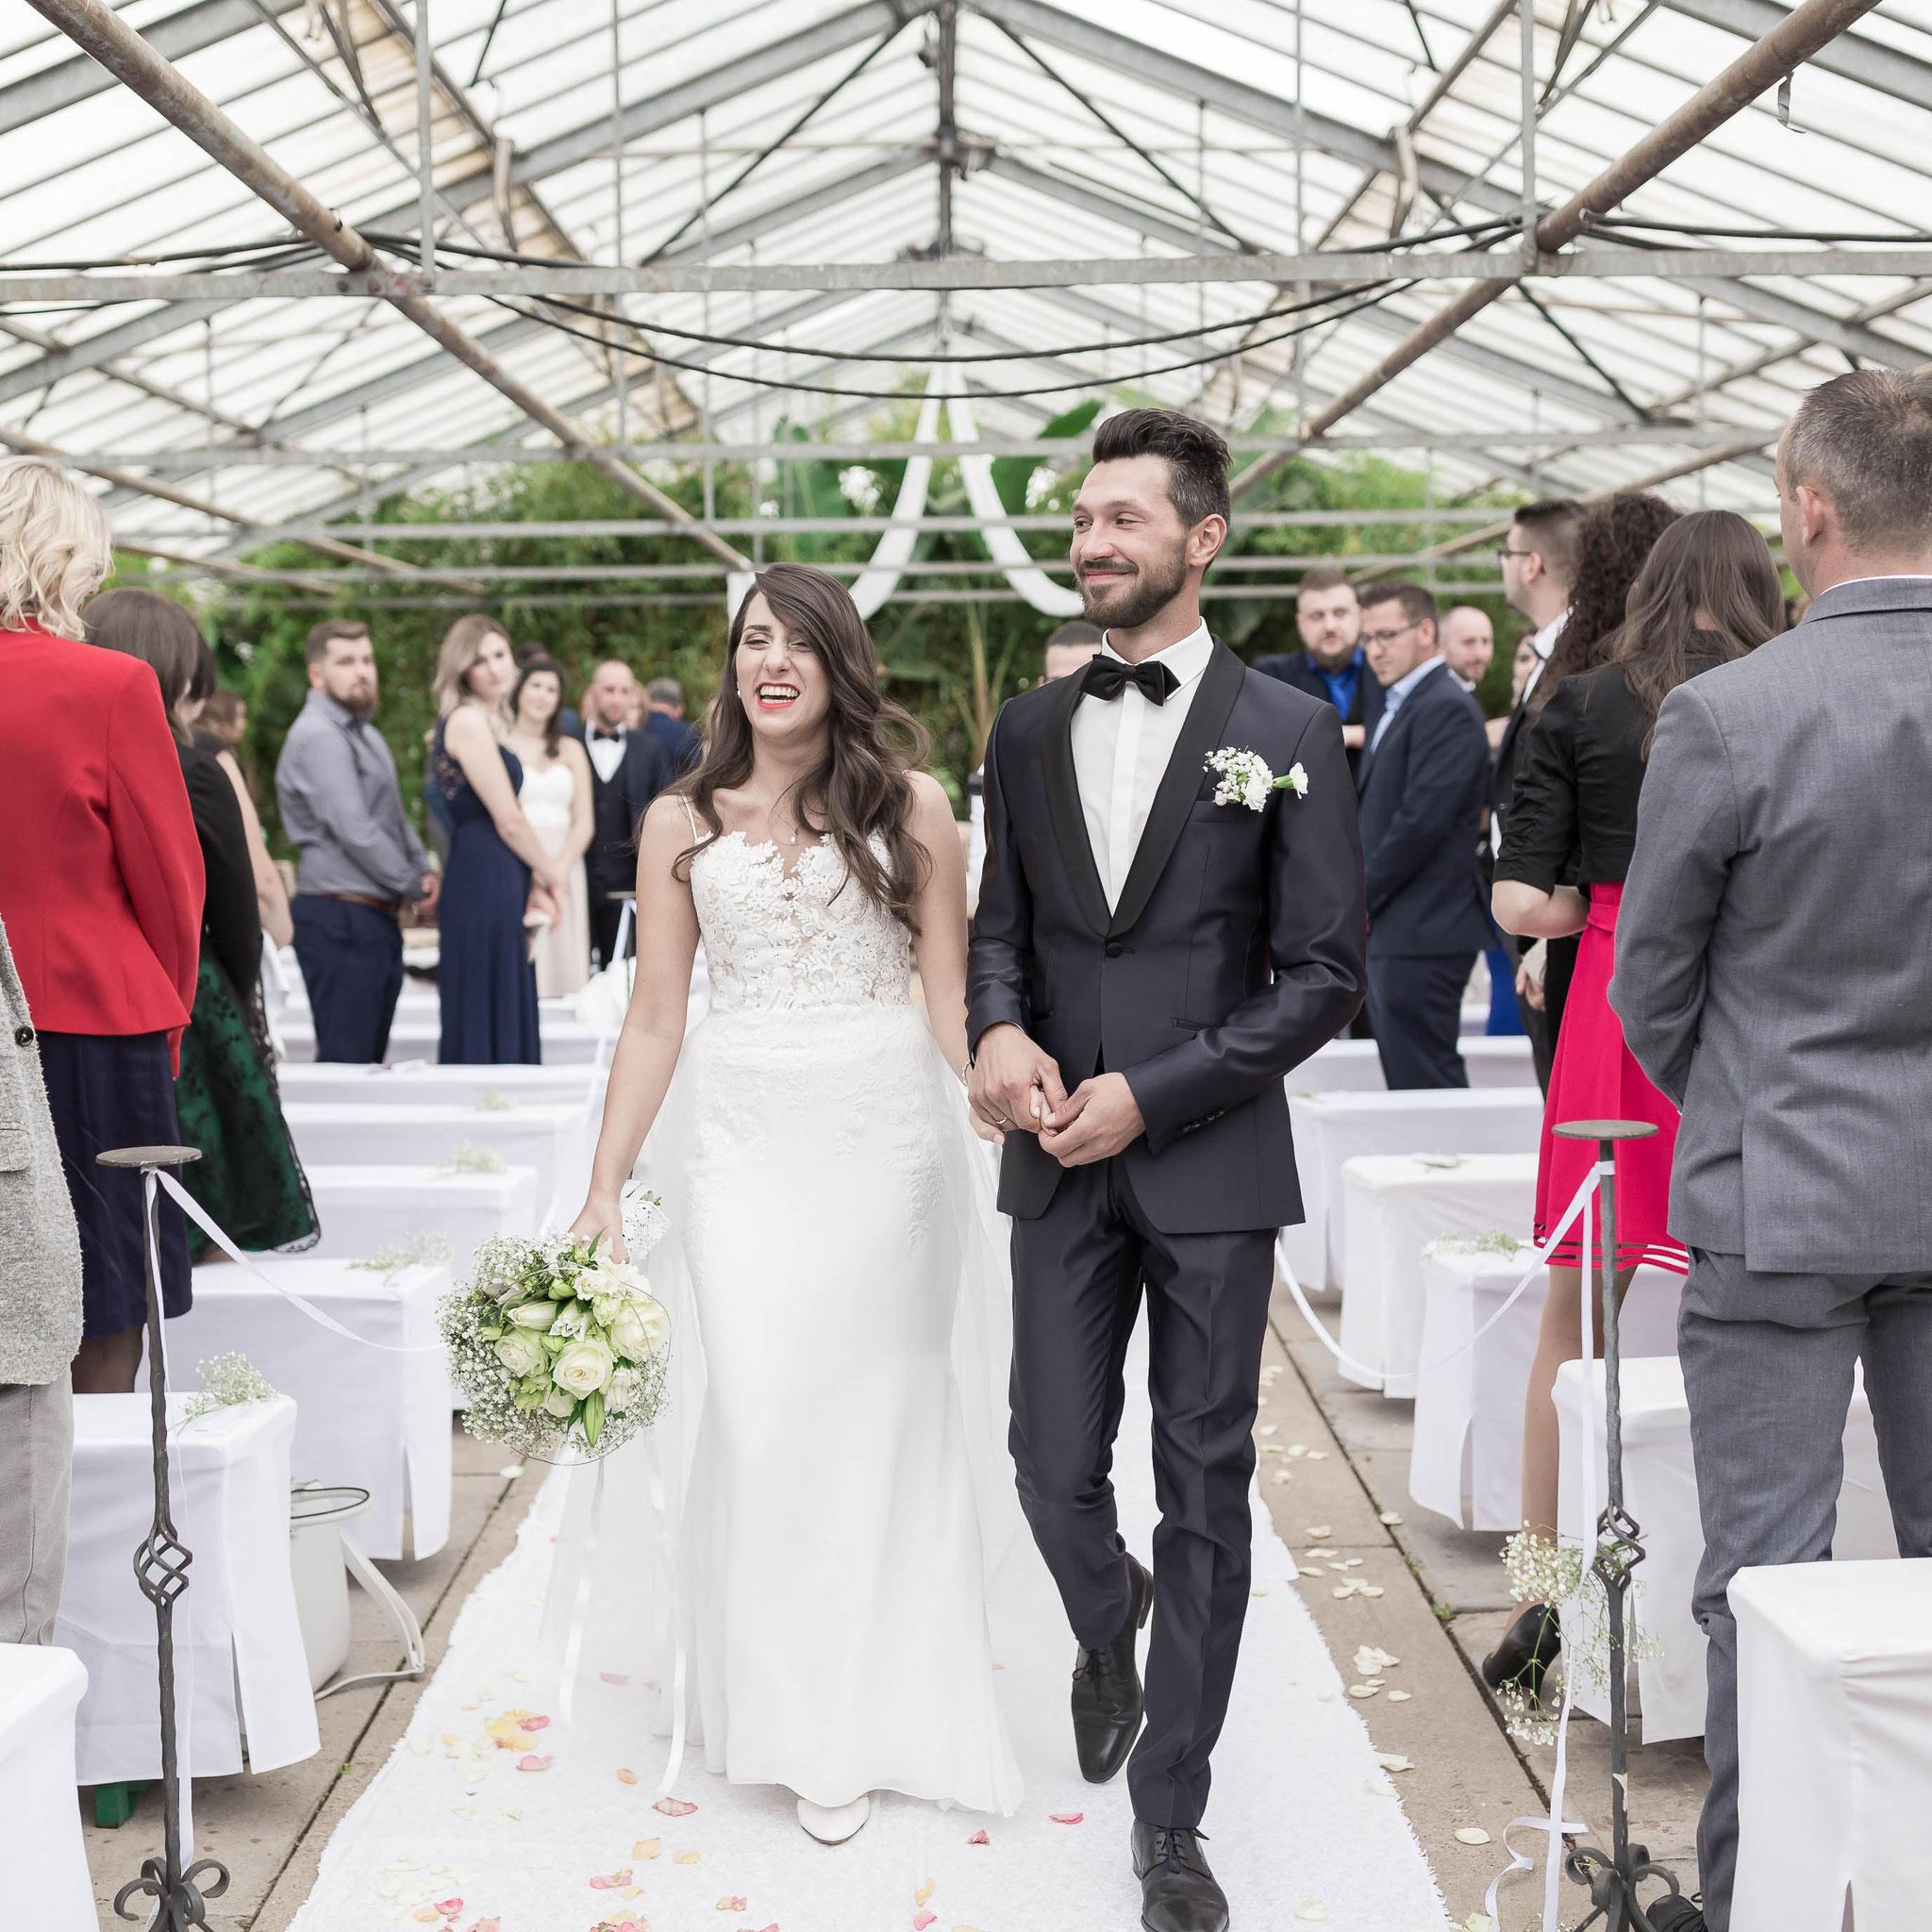 Kameramann für moderne russische Hochzeit in Groß-Gerau